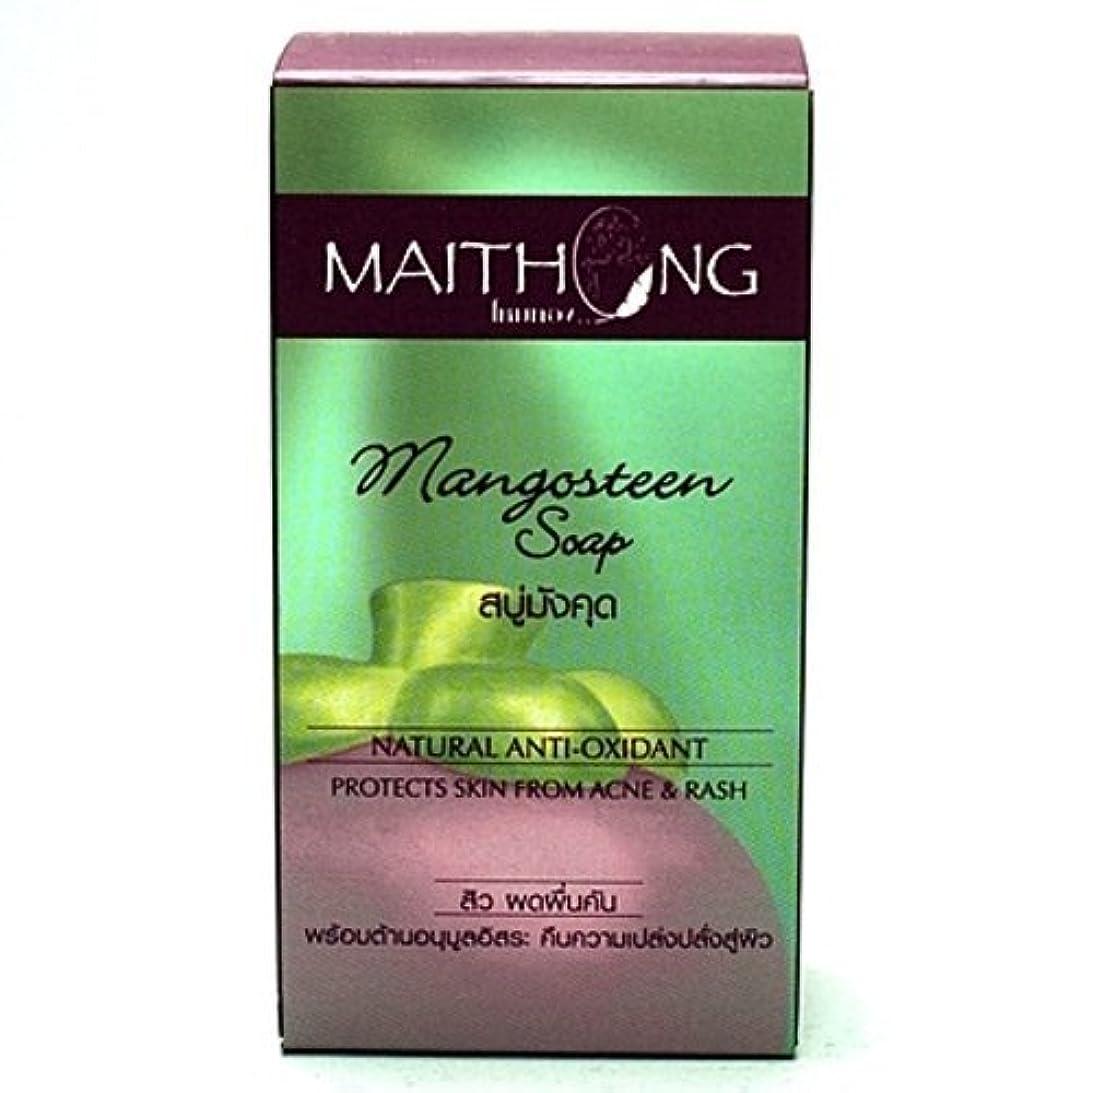 ベリーとげのある愛Mangosteen Soap Face and Body Wash Acne Rash Black Spot Spa Facial Soap Bar Natural Herb Scent by Maithong